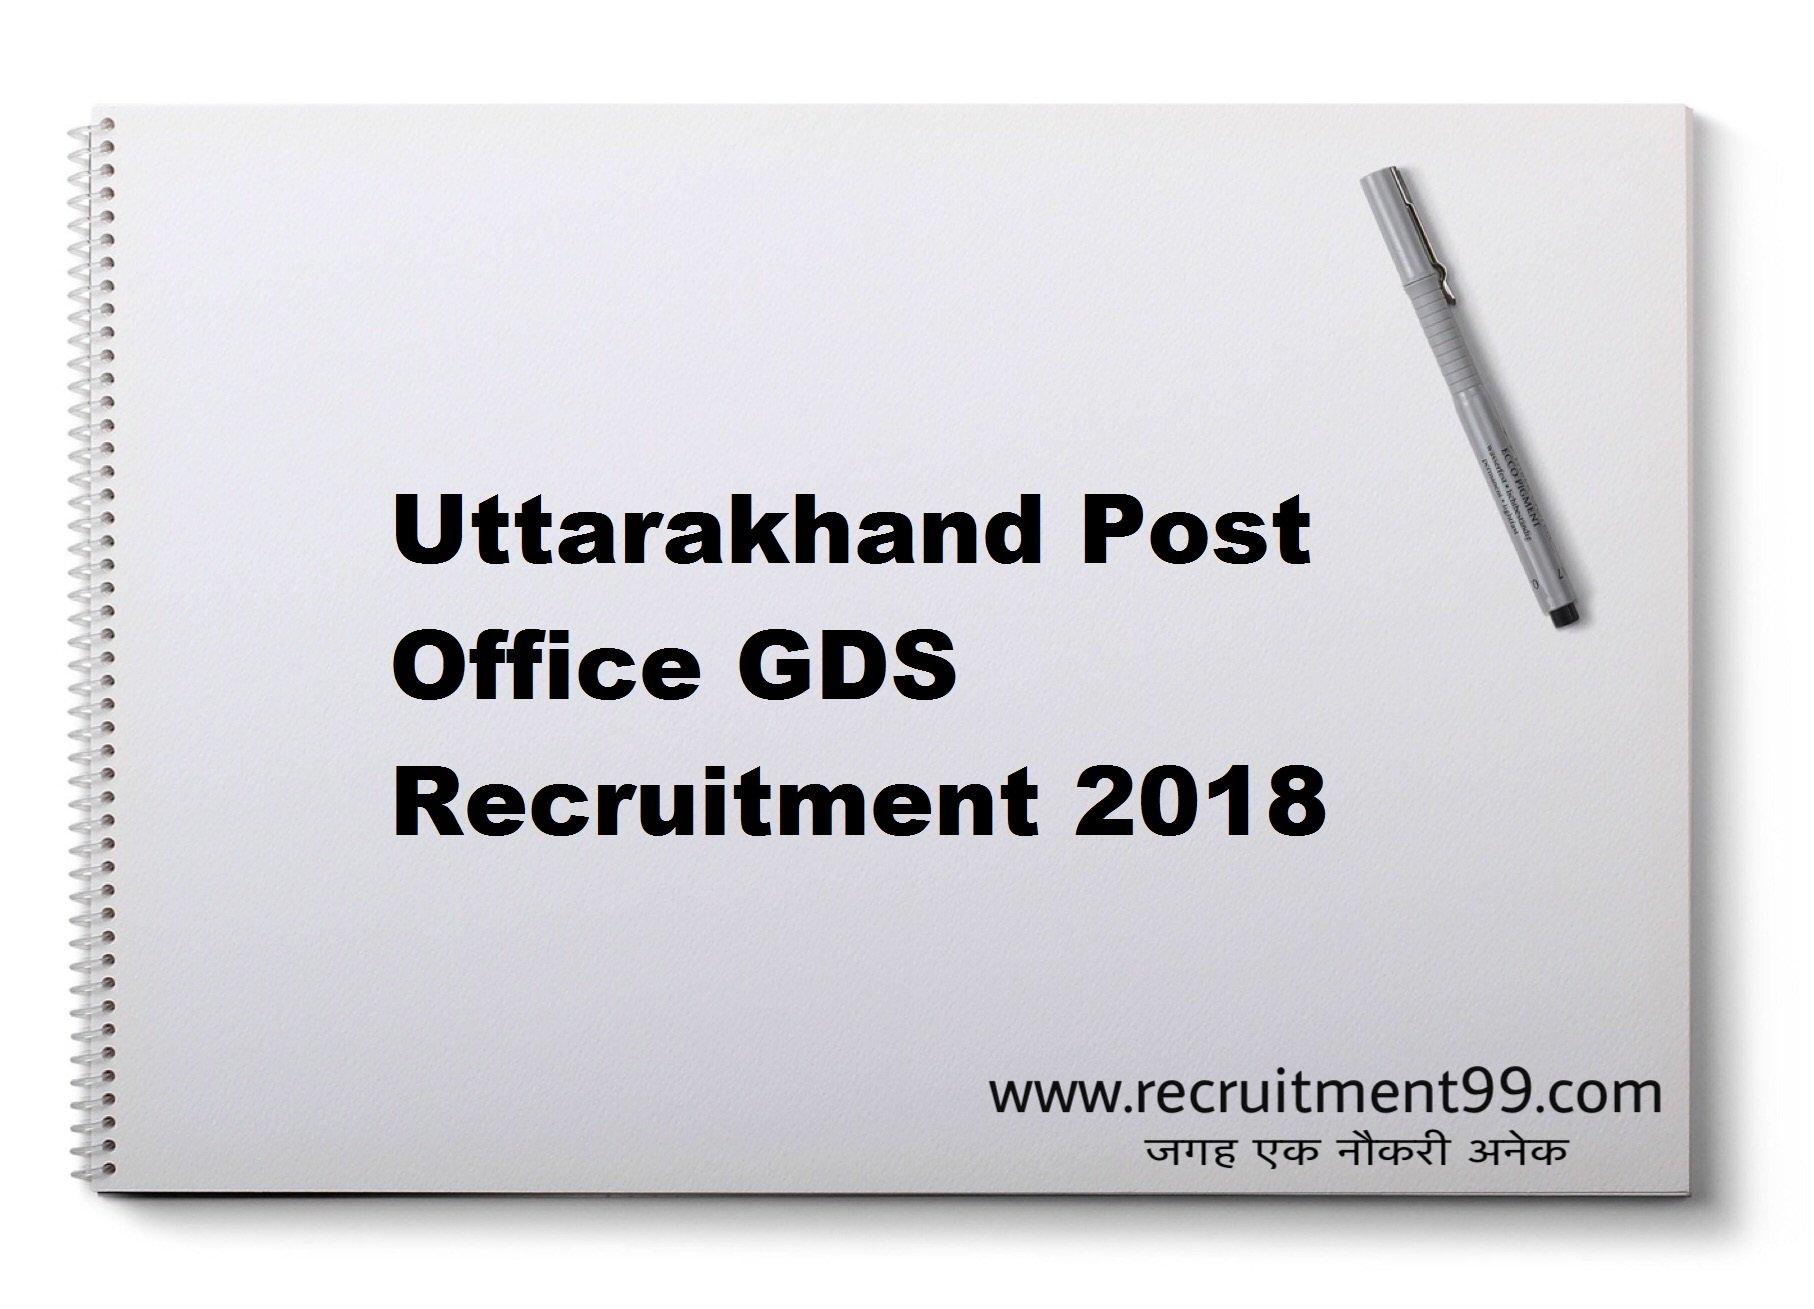 Uttarakhand Post Office GDS Recruitment Merit List Result 2018